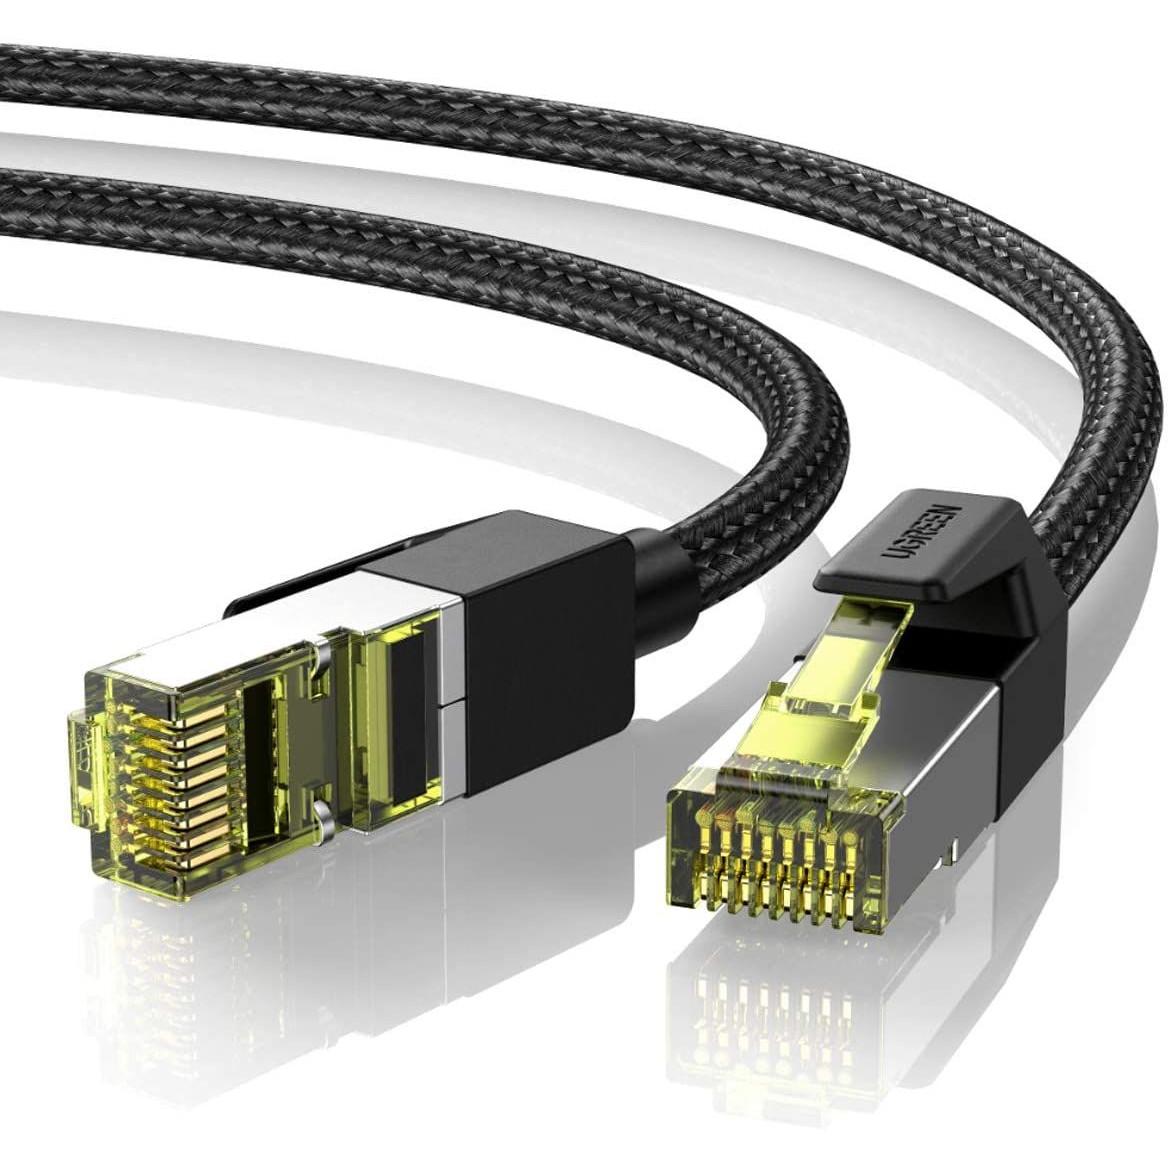 Cáp mạng 5M CAT7 OD5.5mm truyền dữ liệu giữa các máy tính Ugreen 80425 NW150 Hàng Chính Hãng